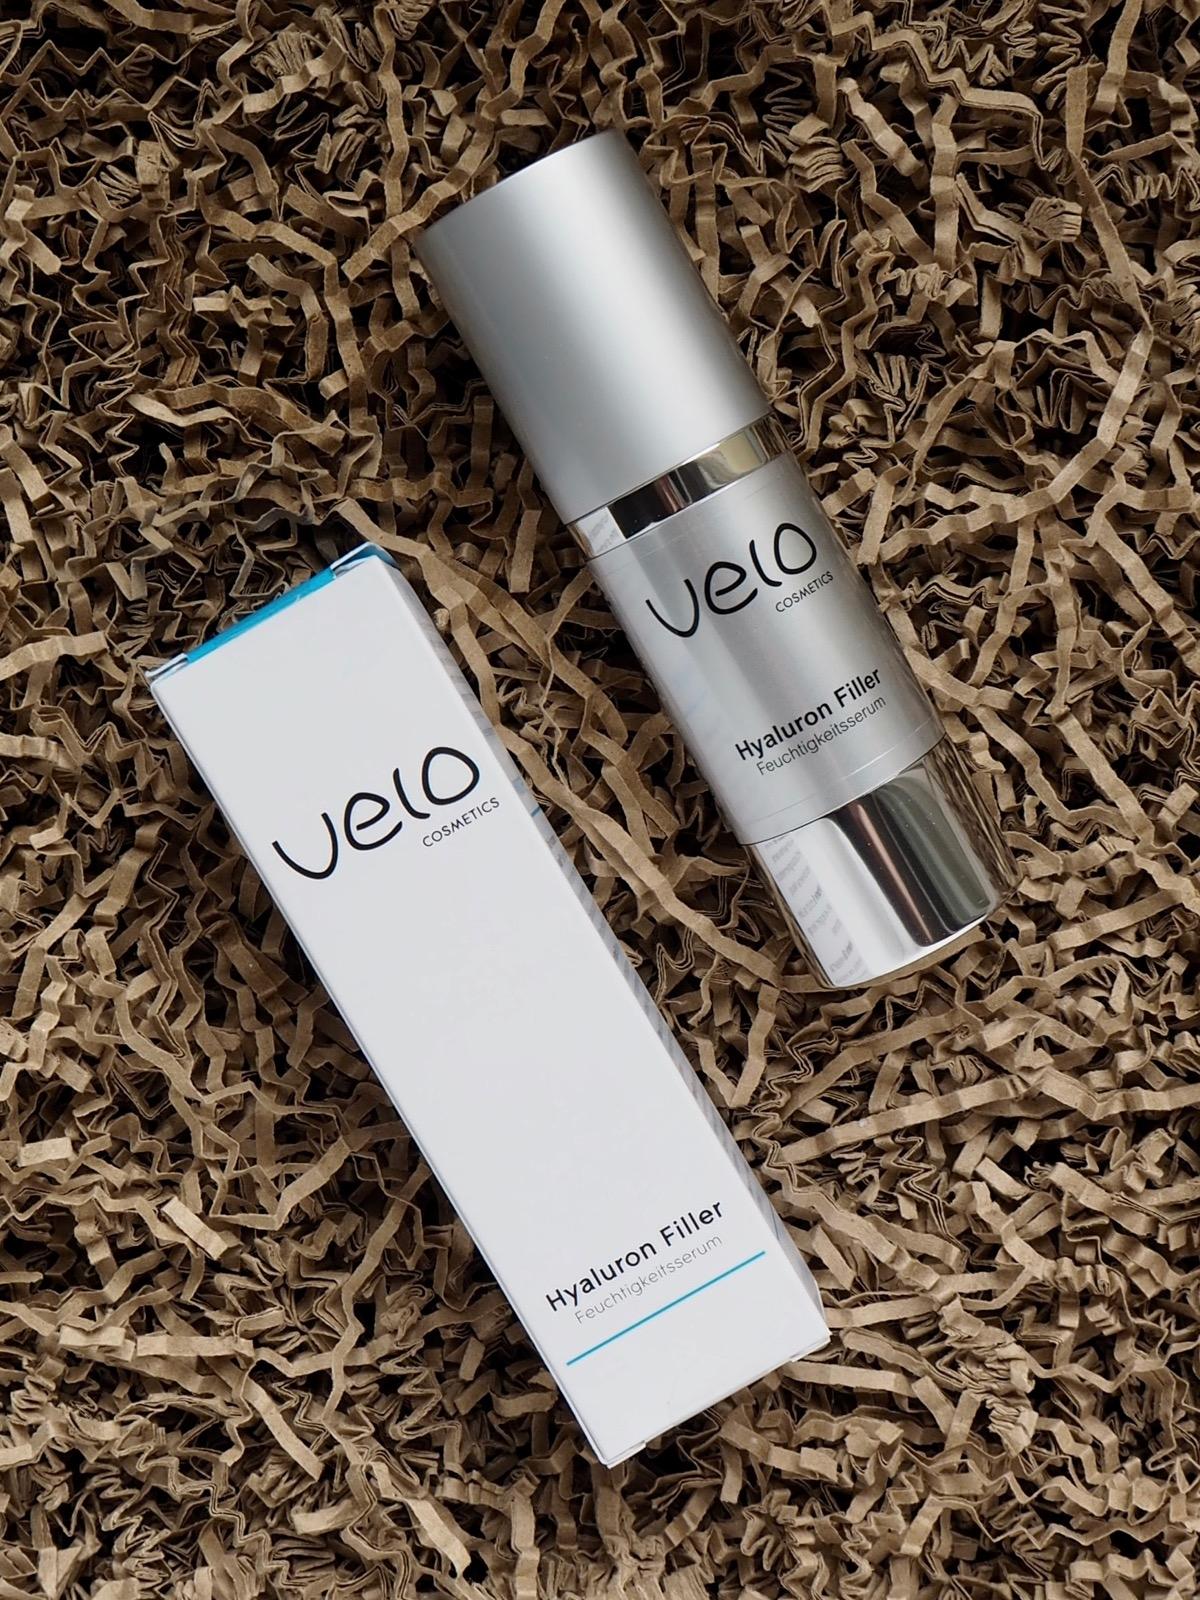 Velo Cosmetics Hyaluron Filler